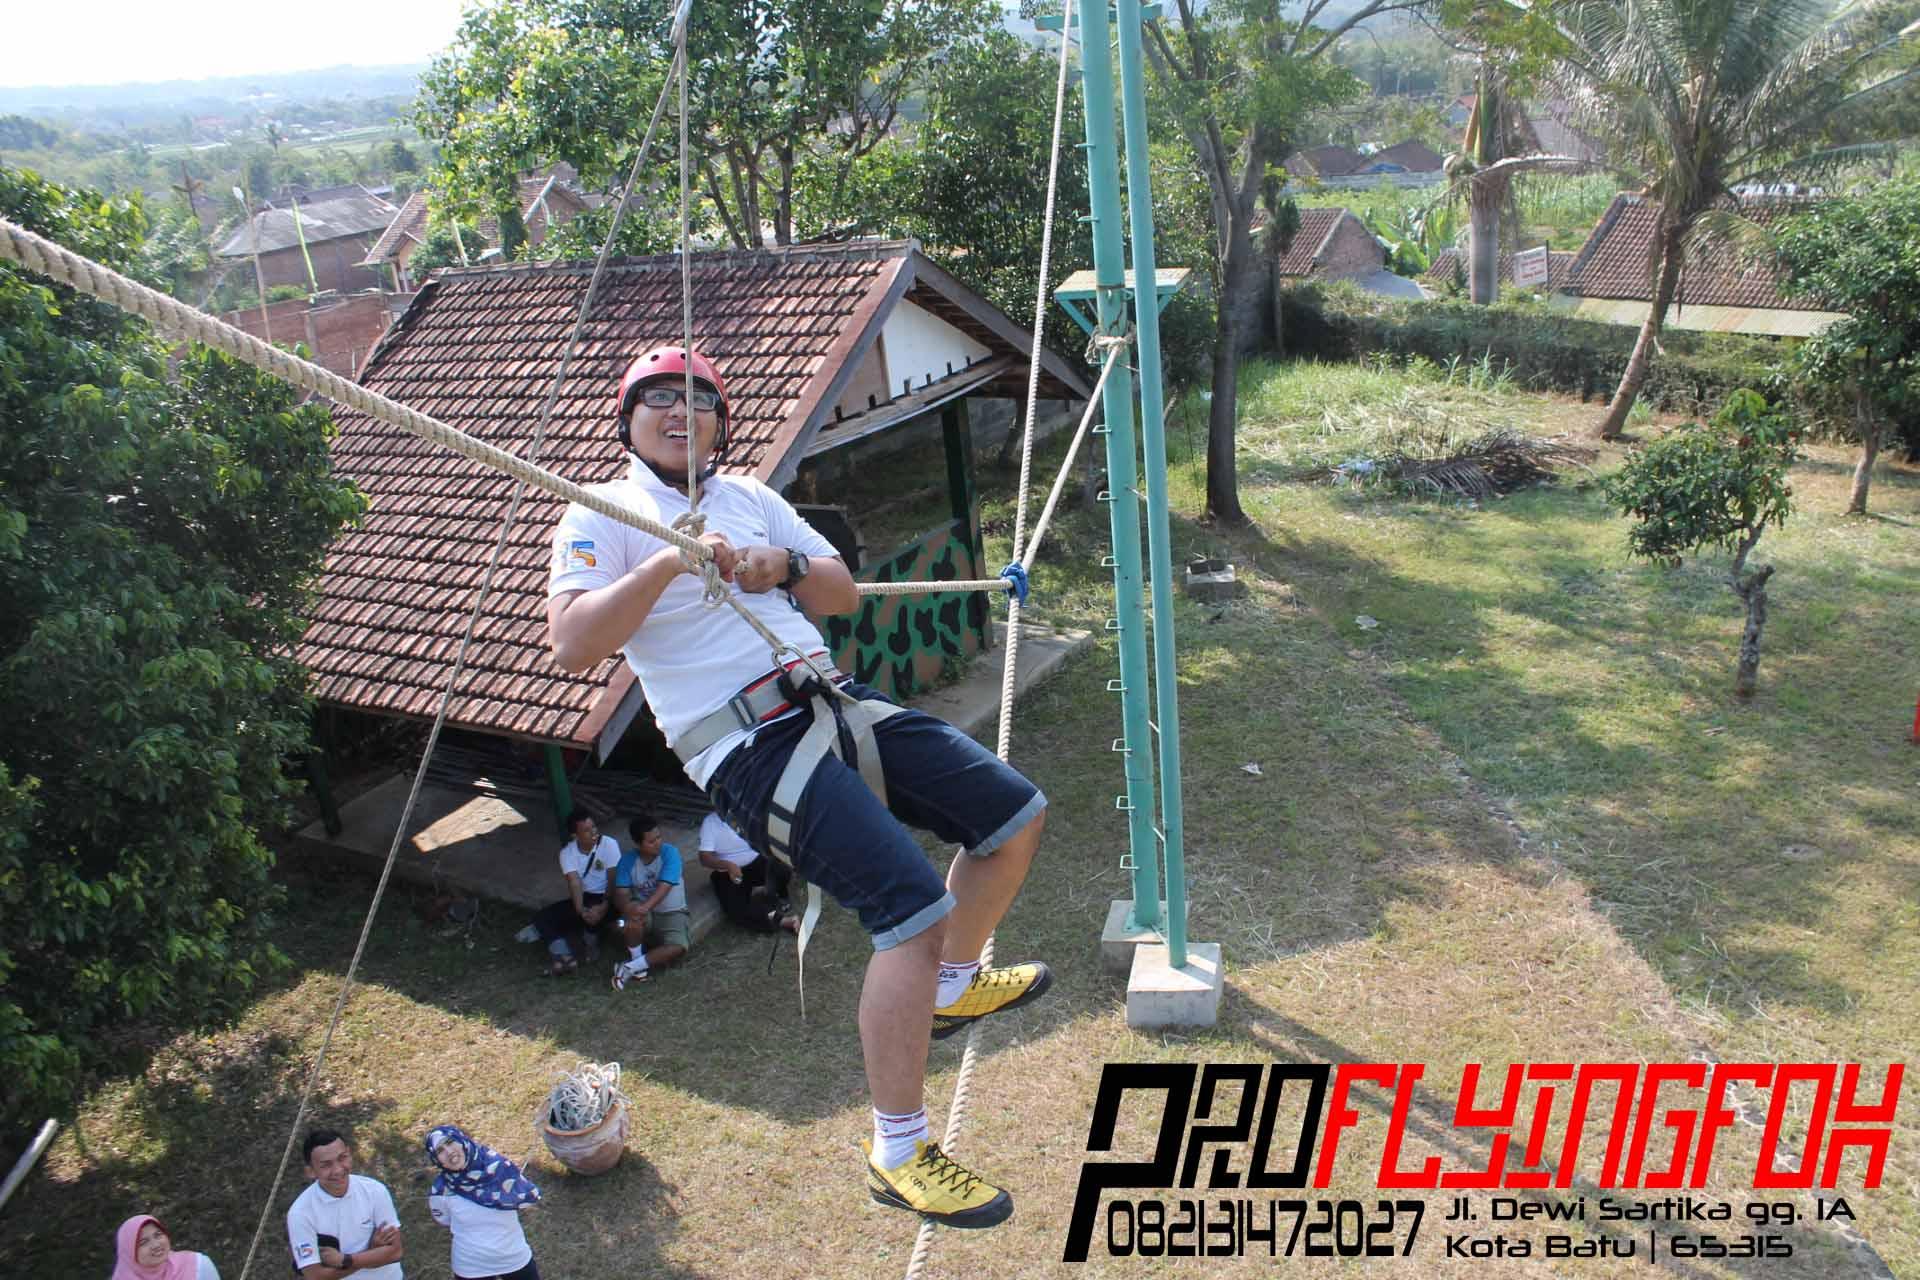 082131472027 , Paket Peralatan Flying Fox Bali , Paket Peralatan Flying Fox Jakarta , Hight Rope Game (1)